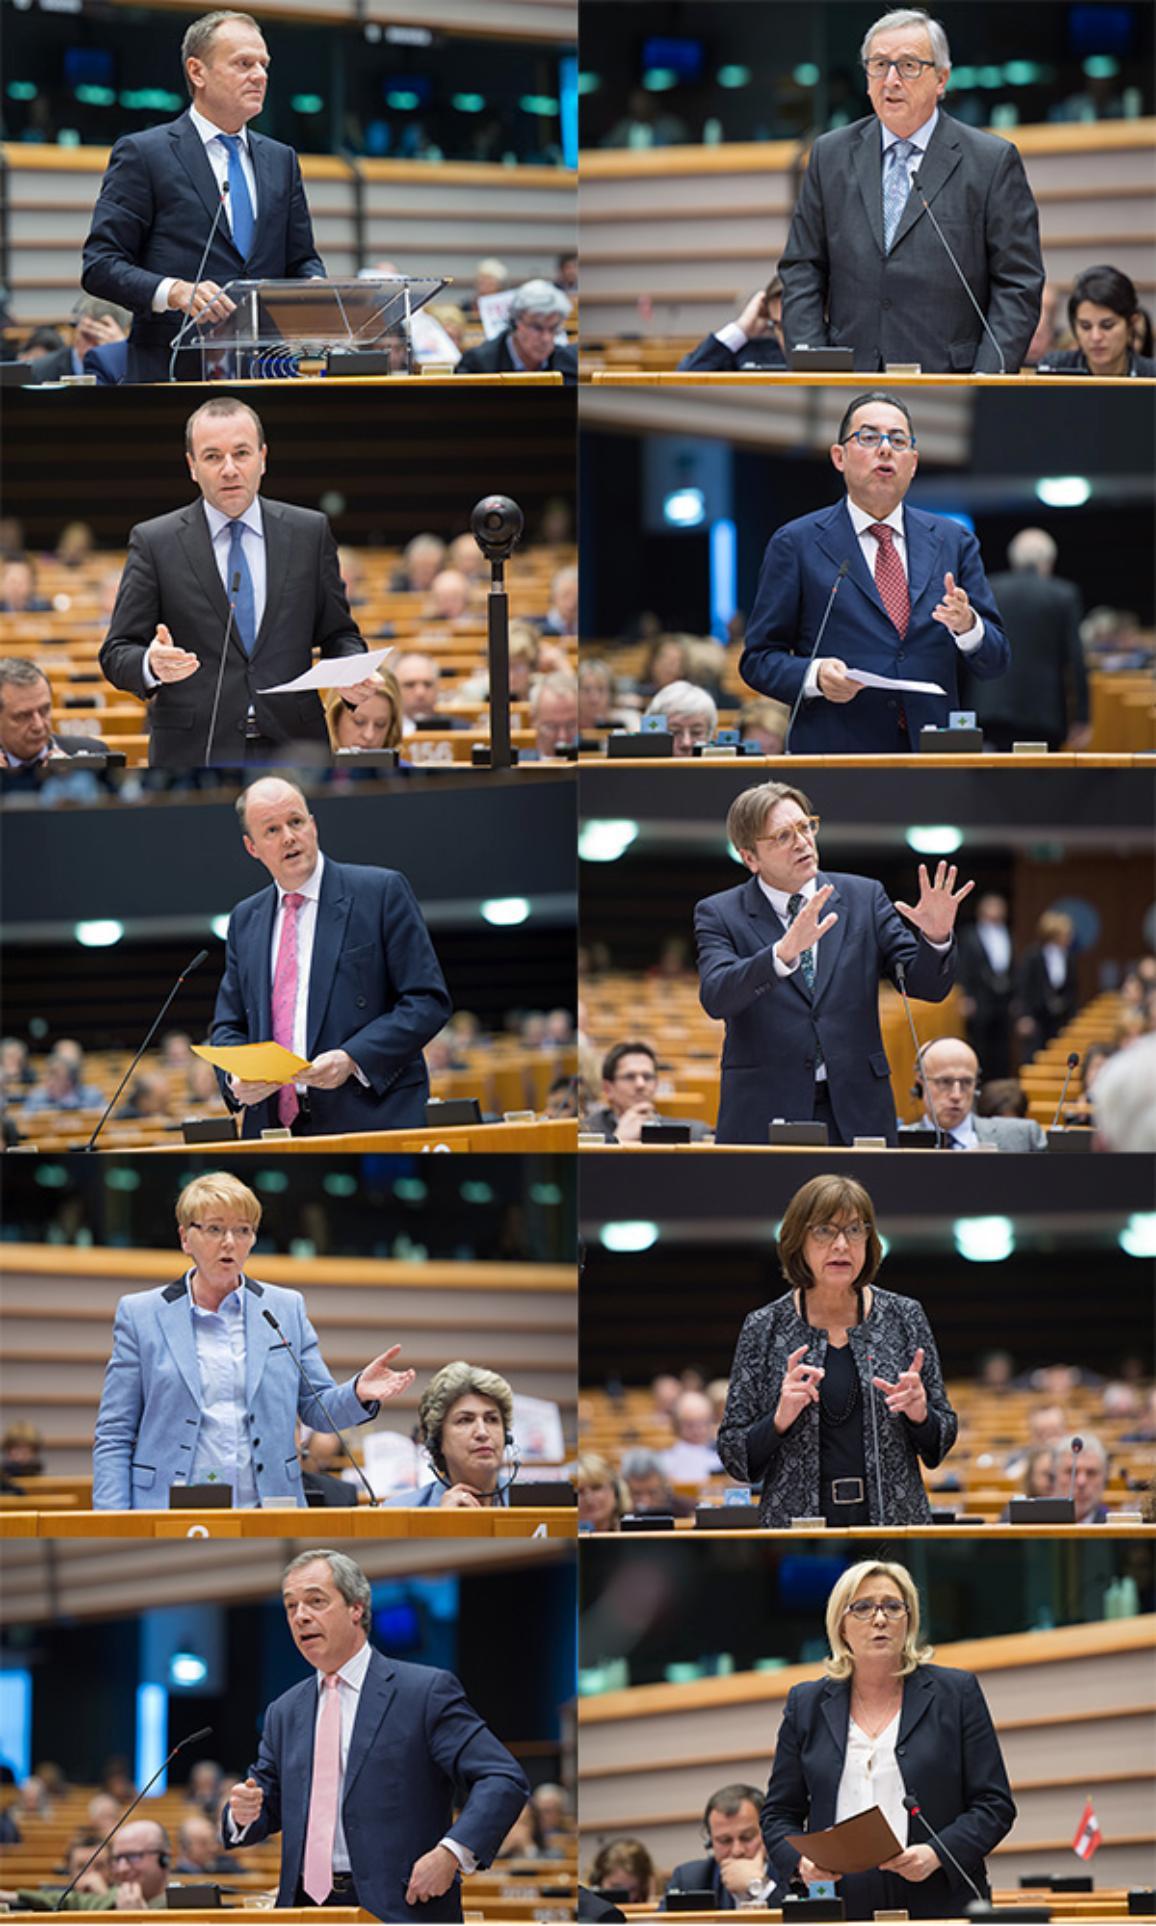 Debate over het akkoord over het lidmaatschap van het  Verenigd Koninkrijk